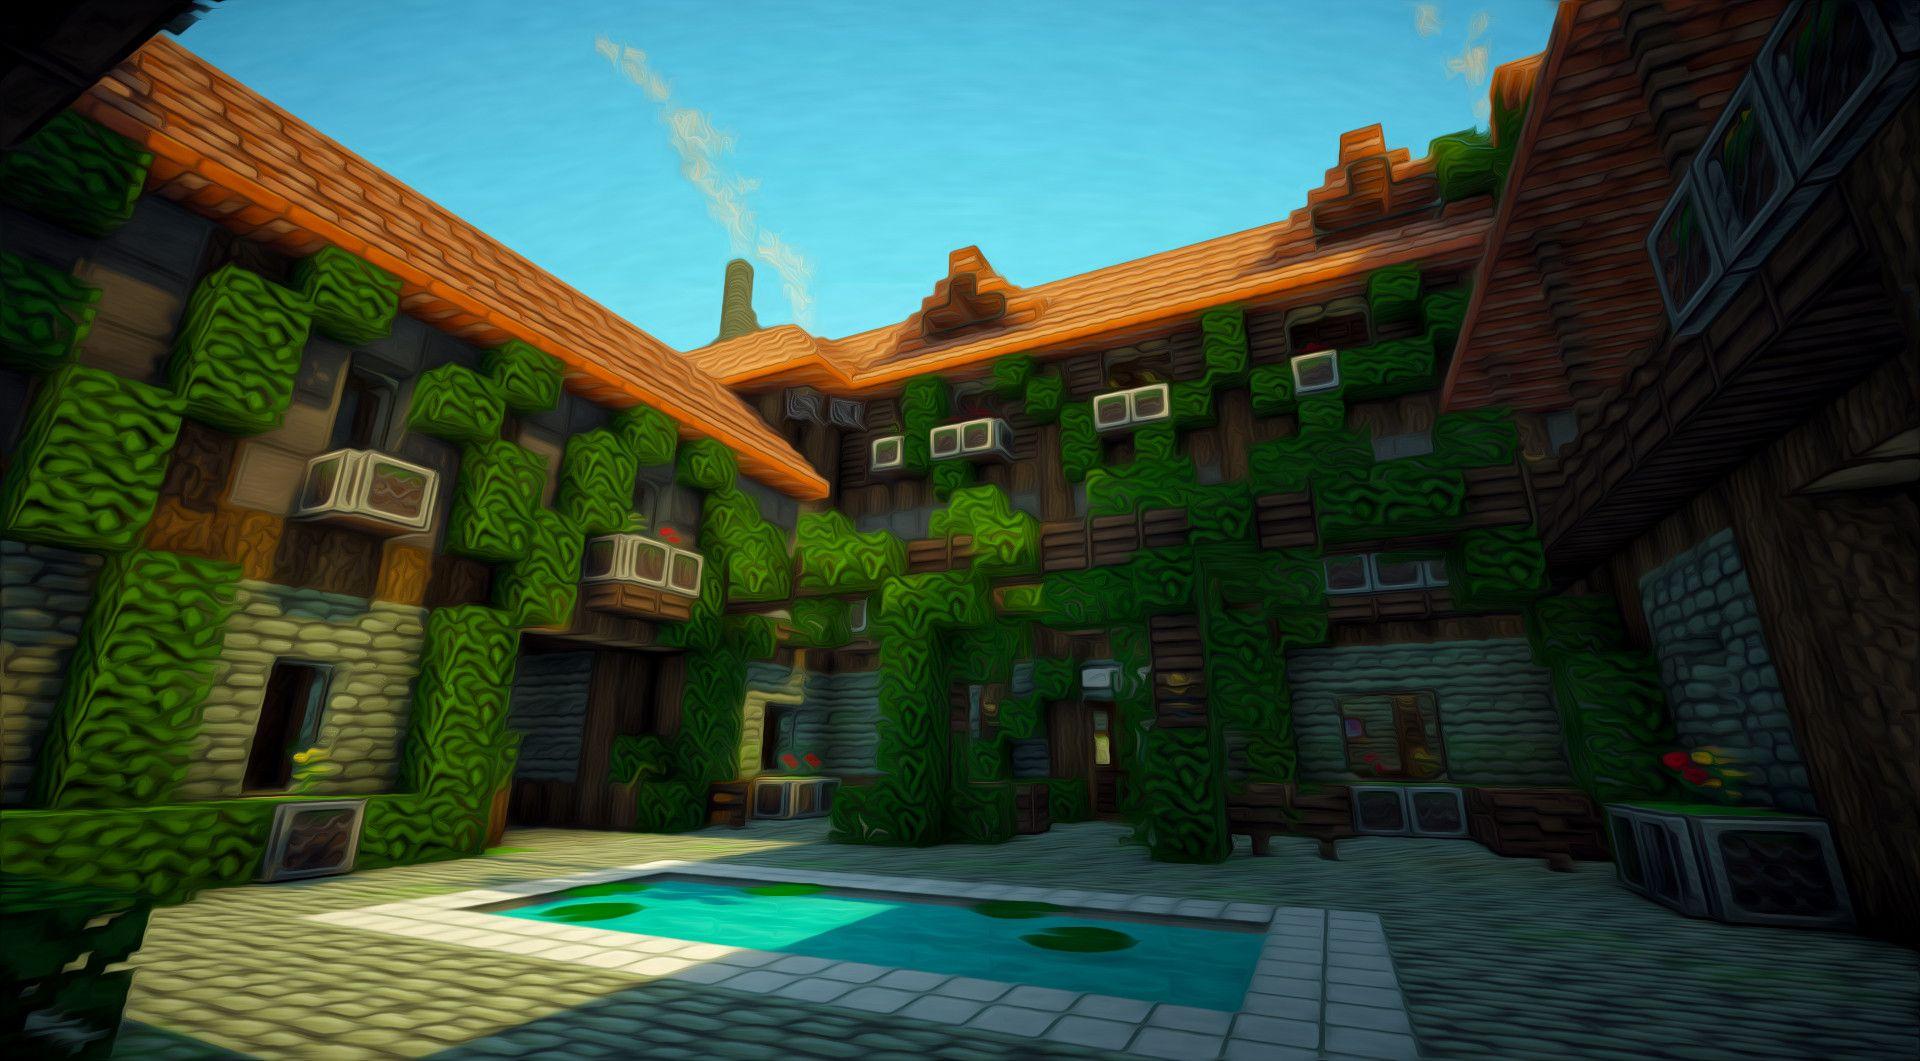 Fantastic Wallpaper Minecraft Google - d38f6b94f0e4c35d961308f0fceaec7d  Photograph_573977.jpg